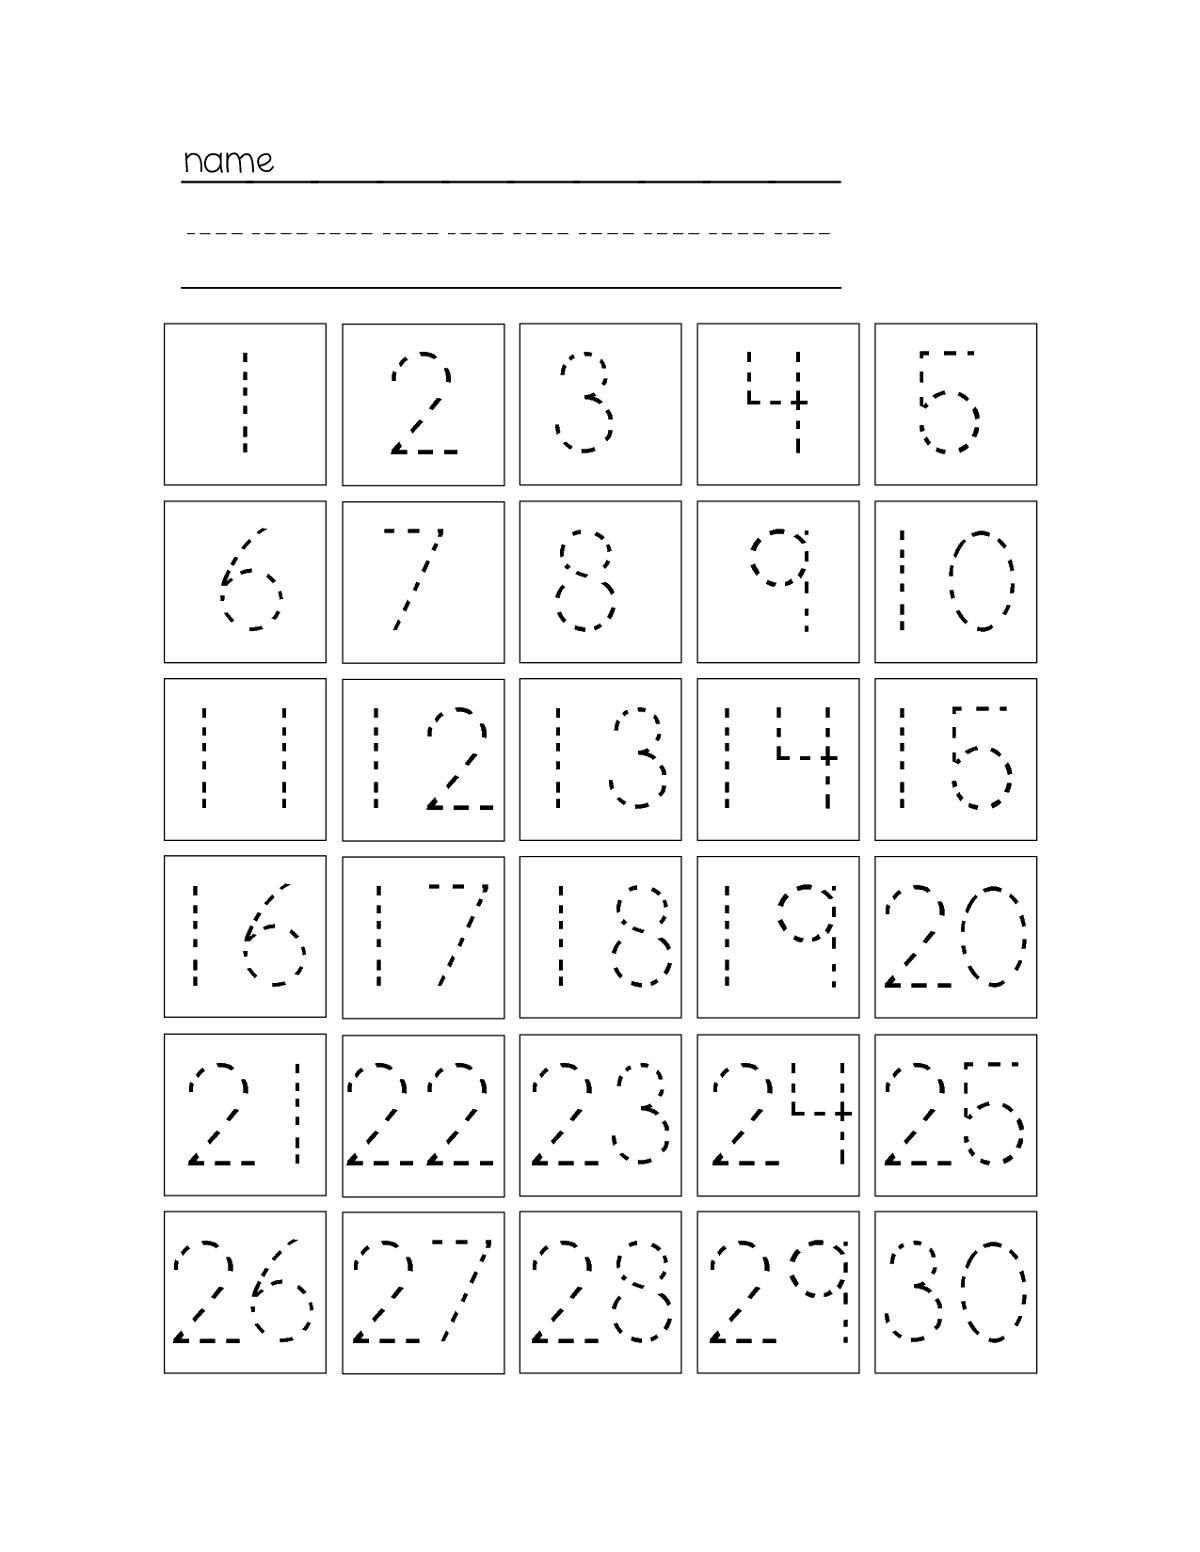 Trace Number Worksheets Free   Kiddo Shelter   Kids Worksheets - Free Printable Tracing Numbers 1 20 Worksheets